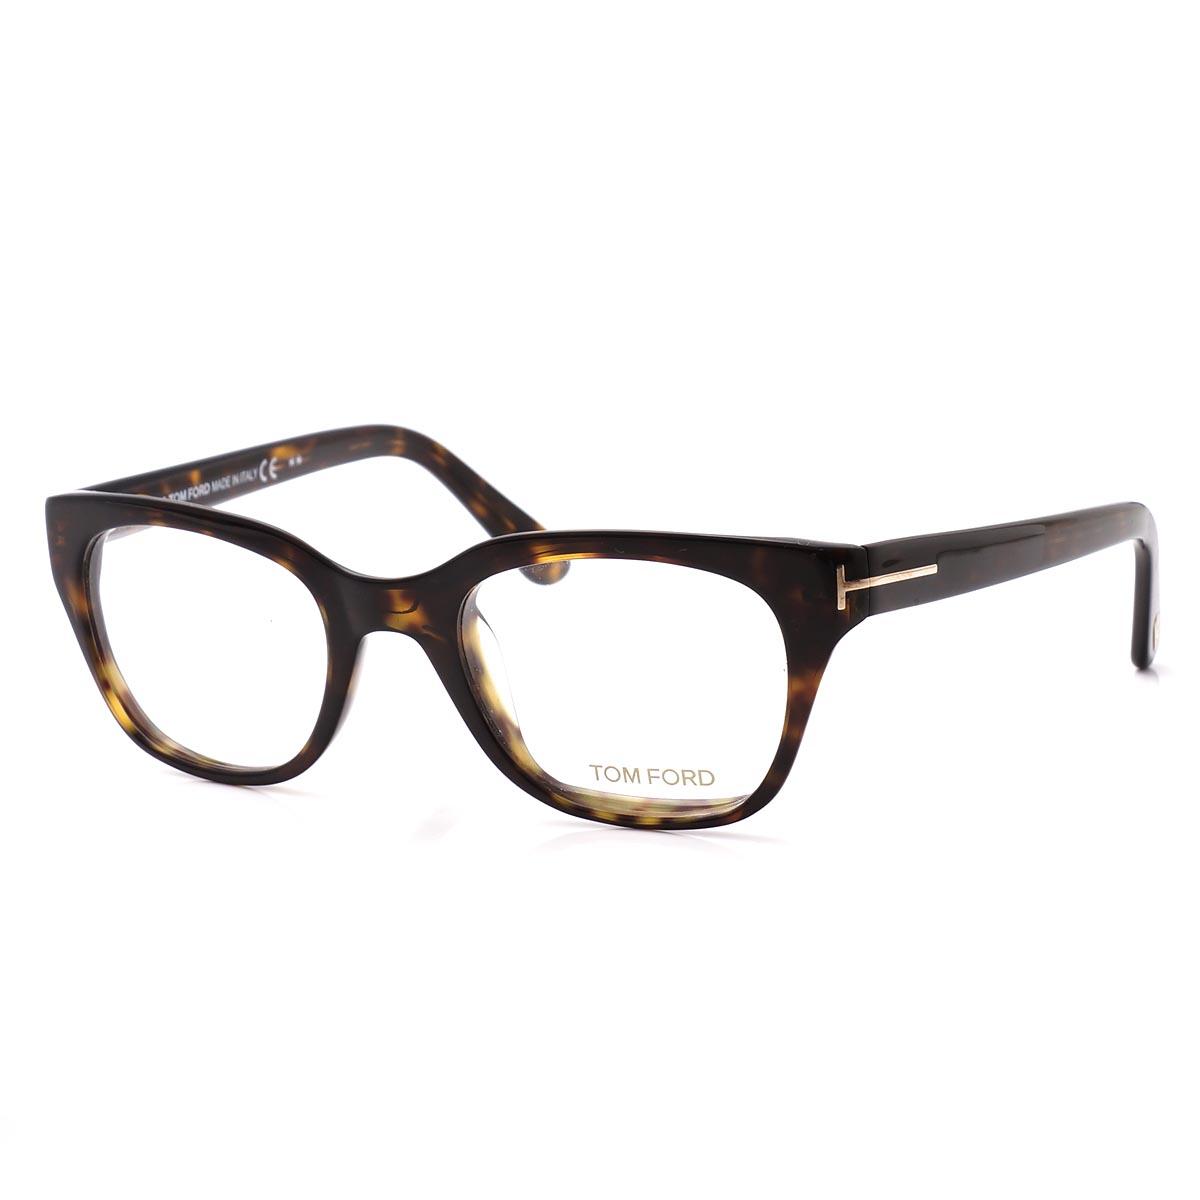 トムフォード TOM FORD 眼鏡 メガネ ブラウン メンズ フレーム ft4240 052 TF4240 ウェリントン【ラッピング無料】【返品送料無料】【あす楽対応_関東】